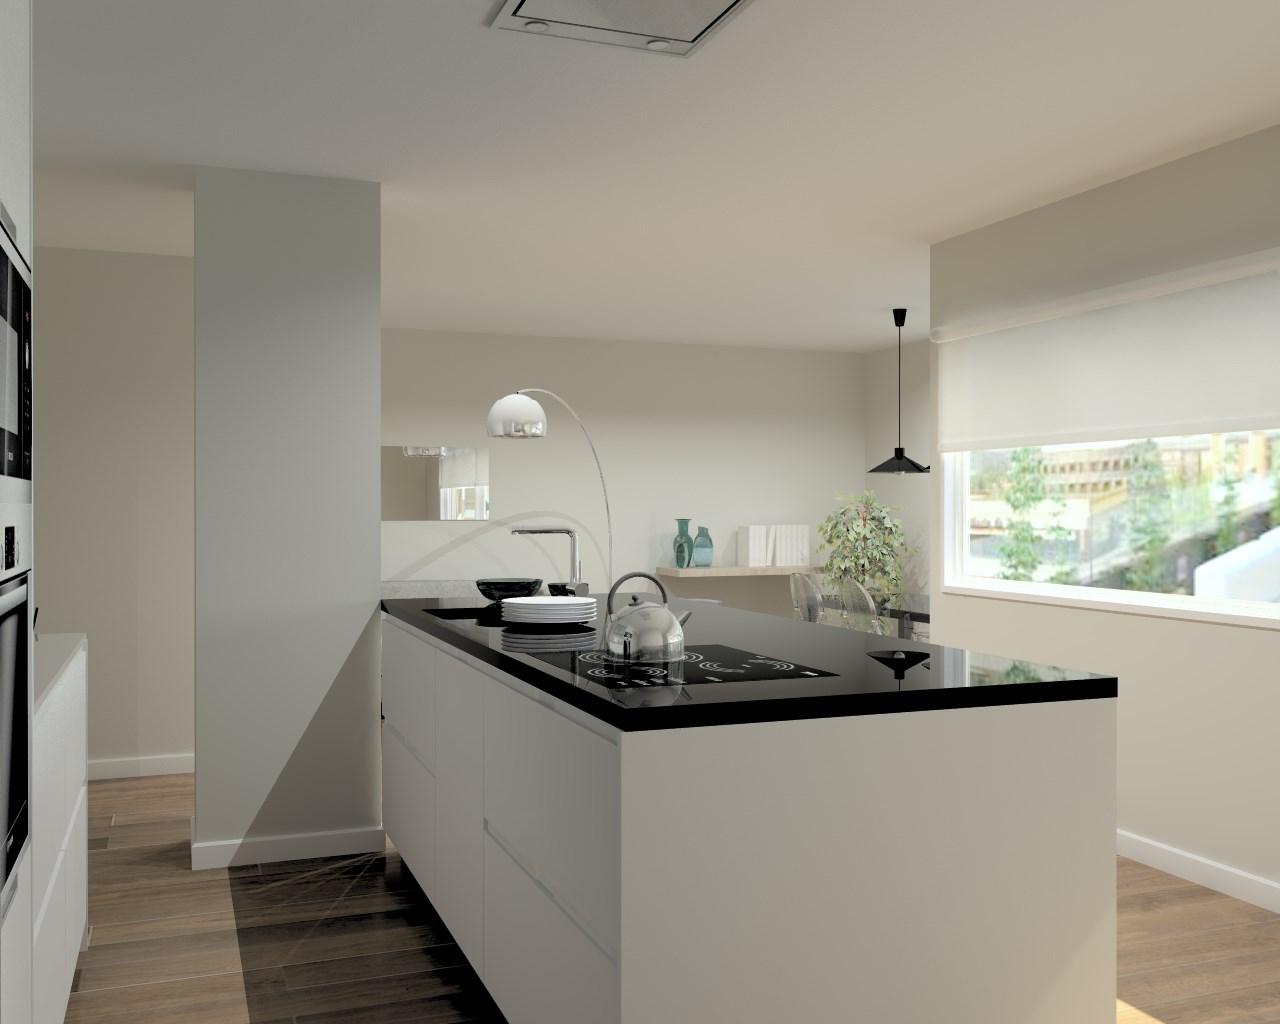 Cocina santos modelo intra laminado seda blanco encimeras for Granito blanco para cocina